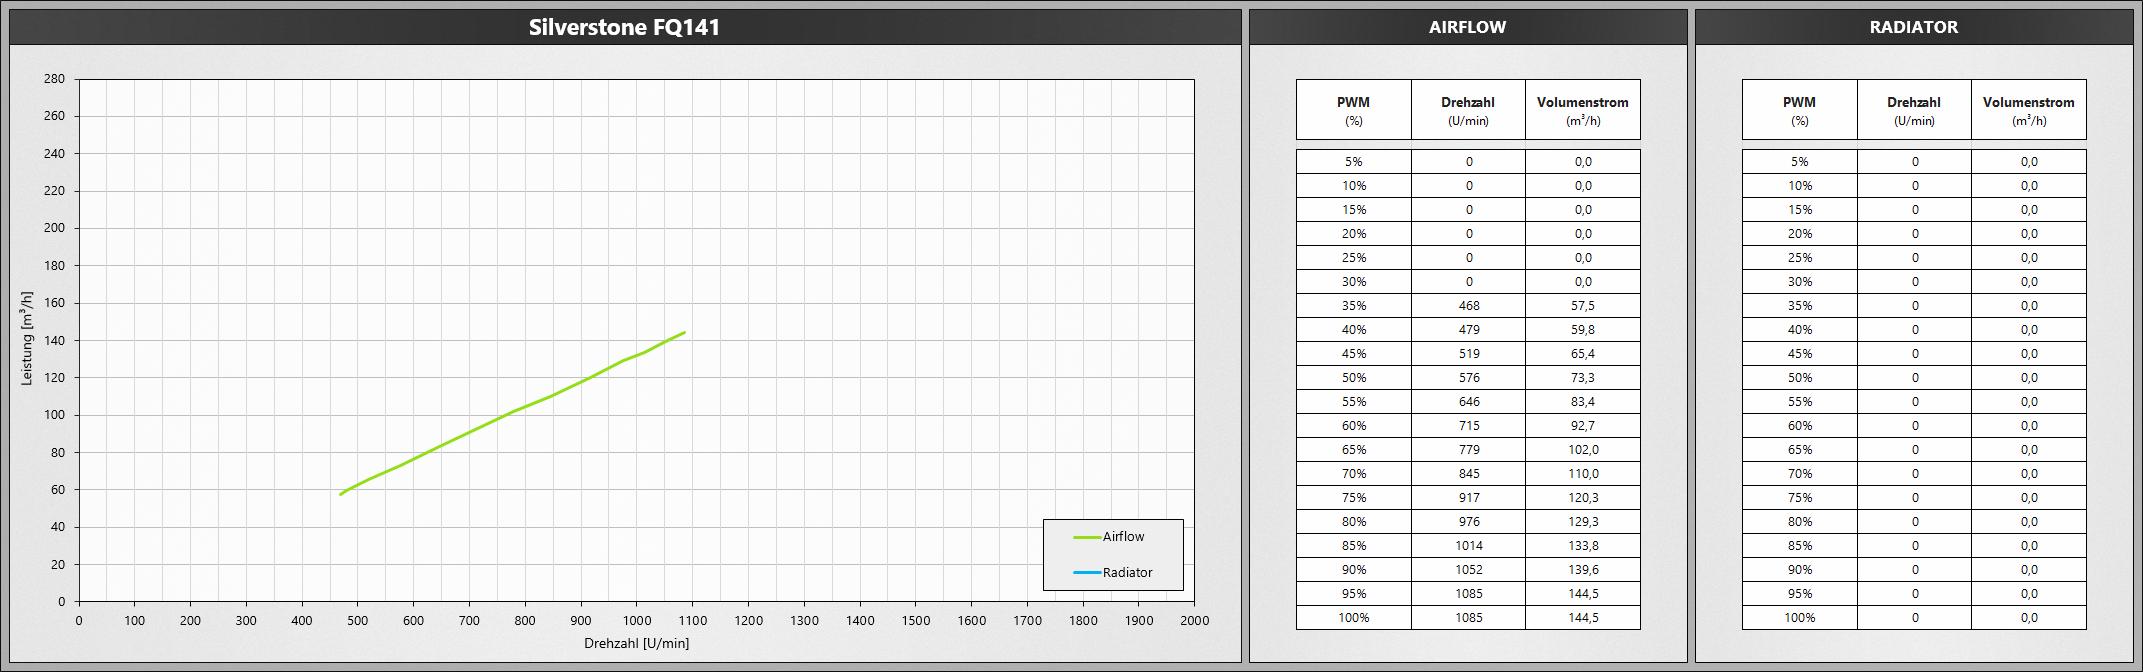 Klicken Sie auf die Grafik für eine größere Ansicht  Name:SilverstoneFQ141.png Hits:648 Größe:462,8 KB ID:1074787